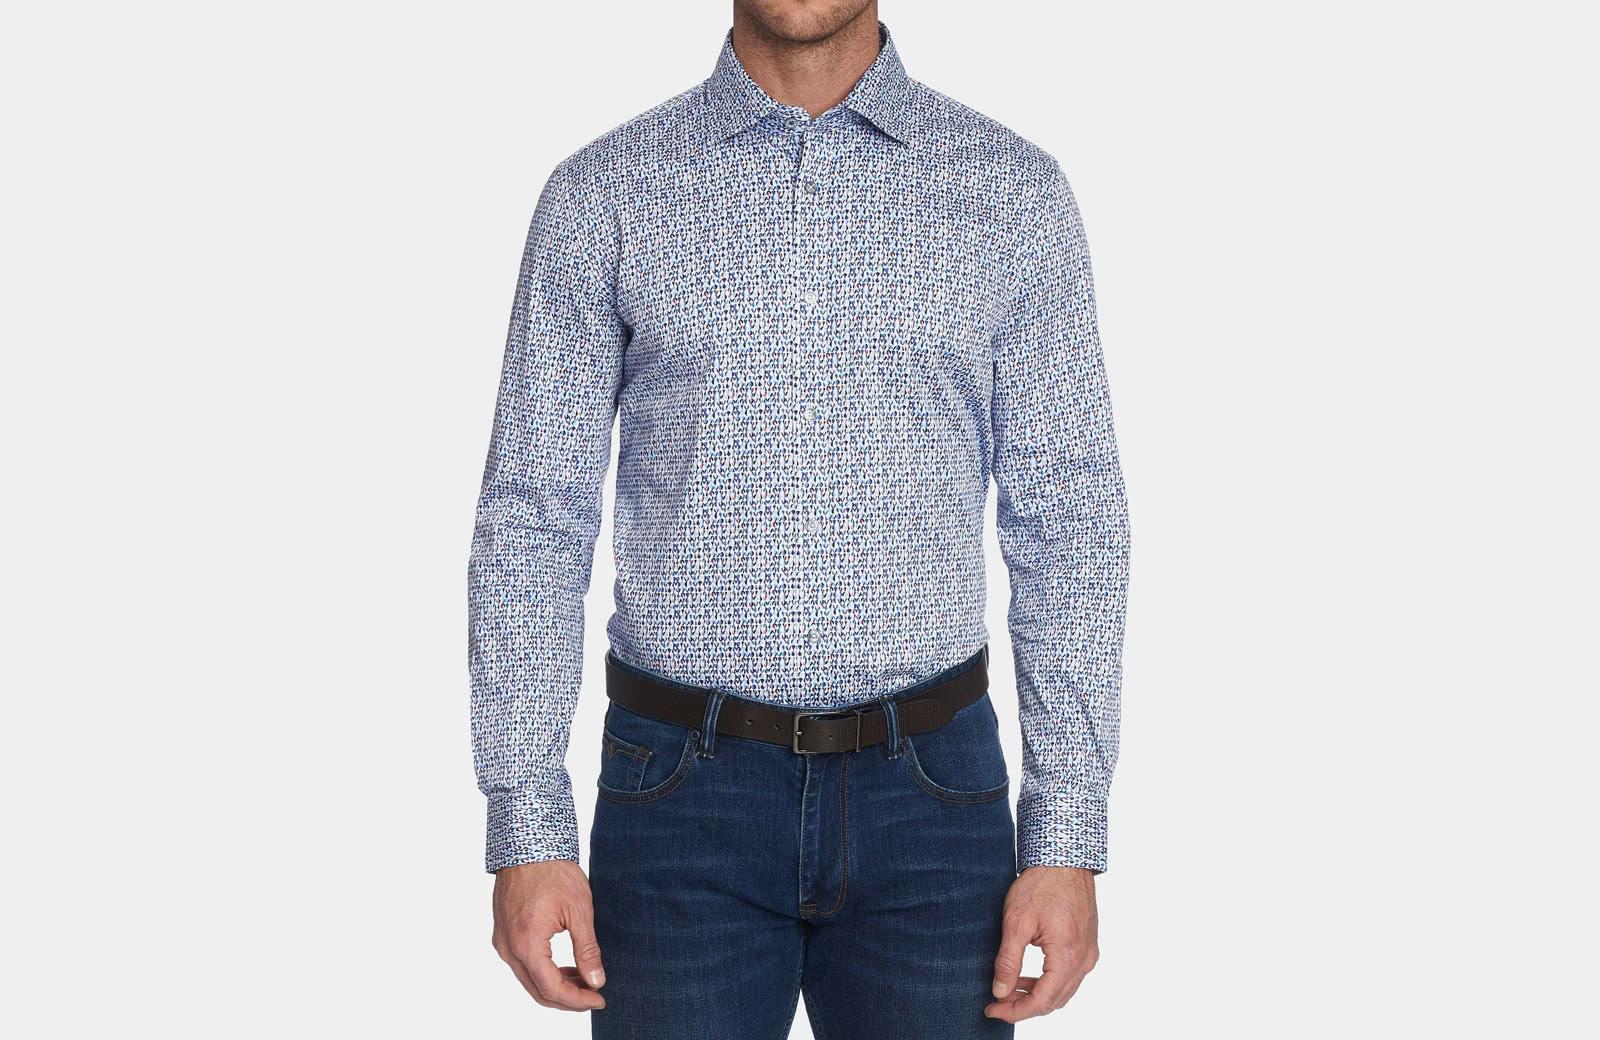 Robert Graham best men summer dress shirt blue pattern - Luxe Digital